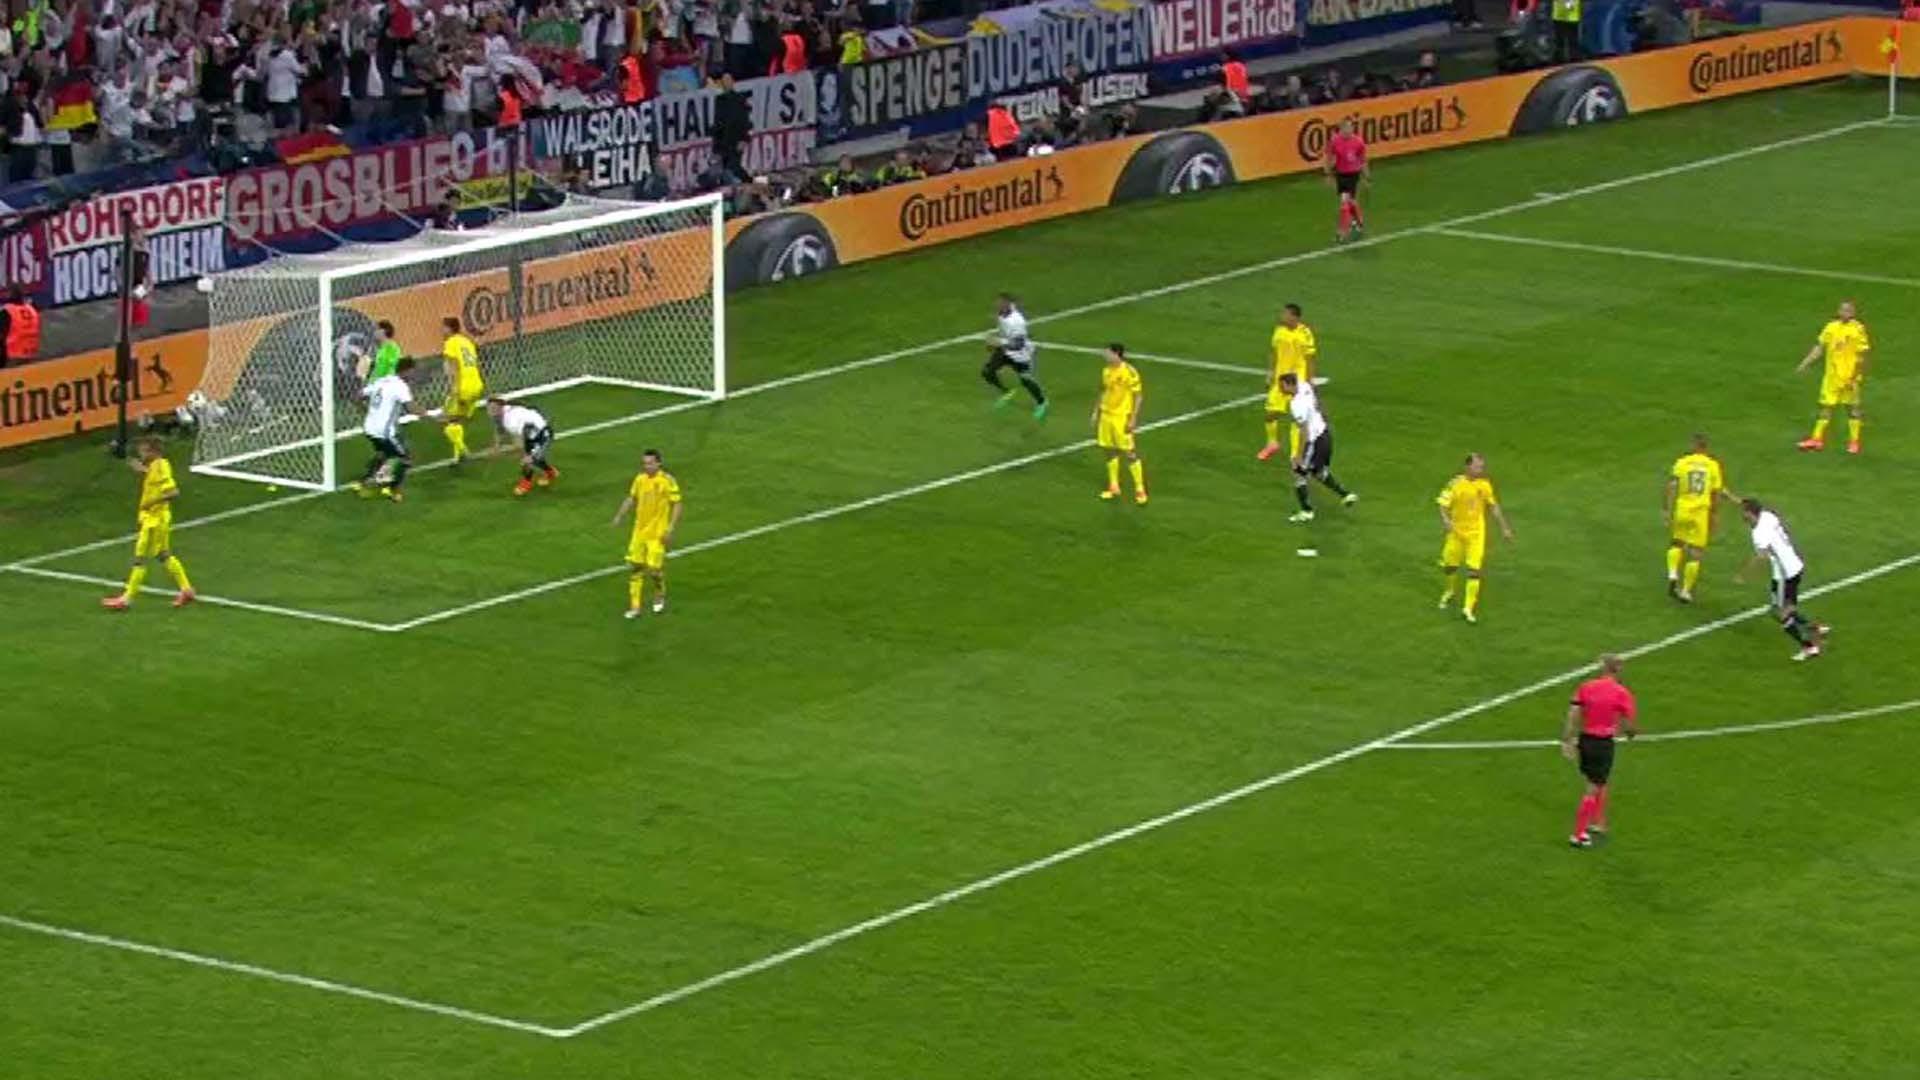 Футбол прямая трансляция россия бельгия смотреть онлайн 15 фотография